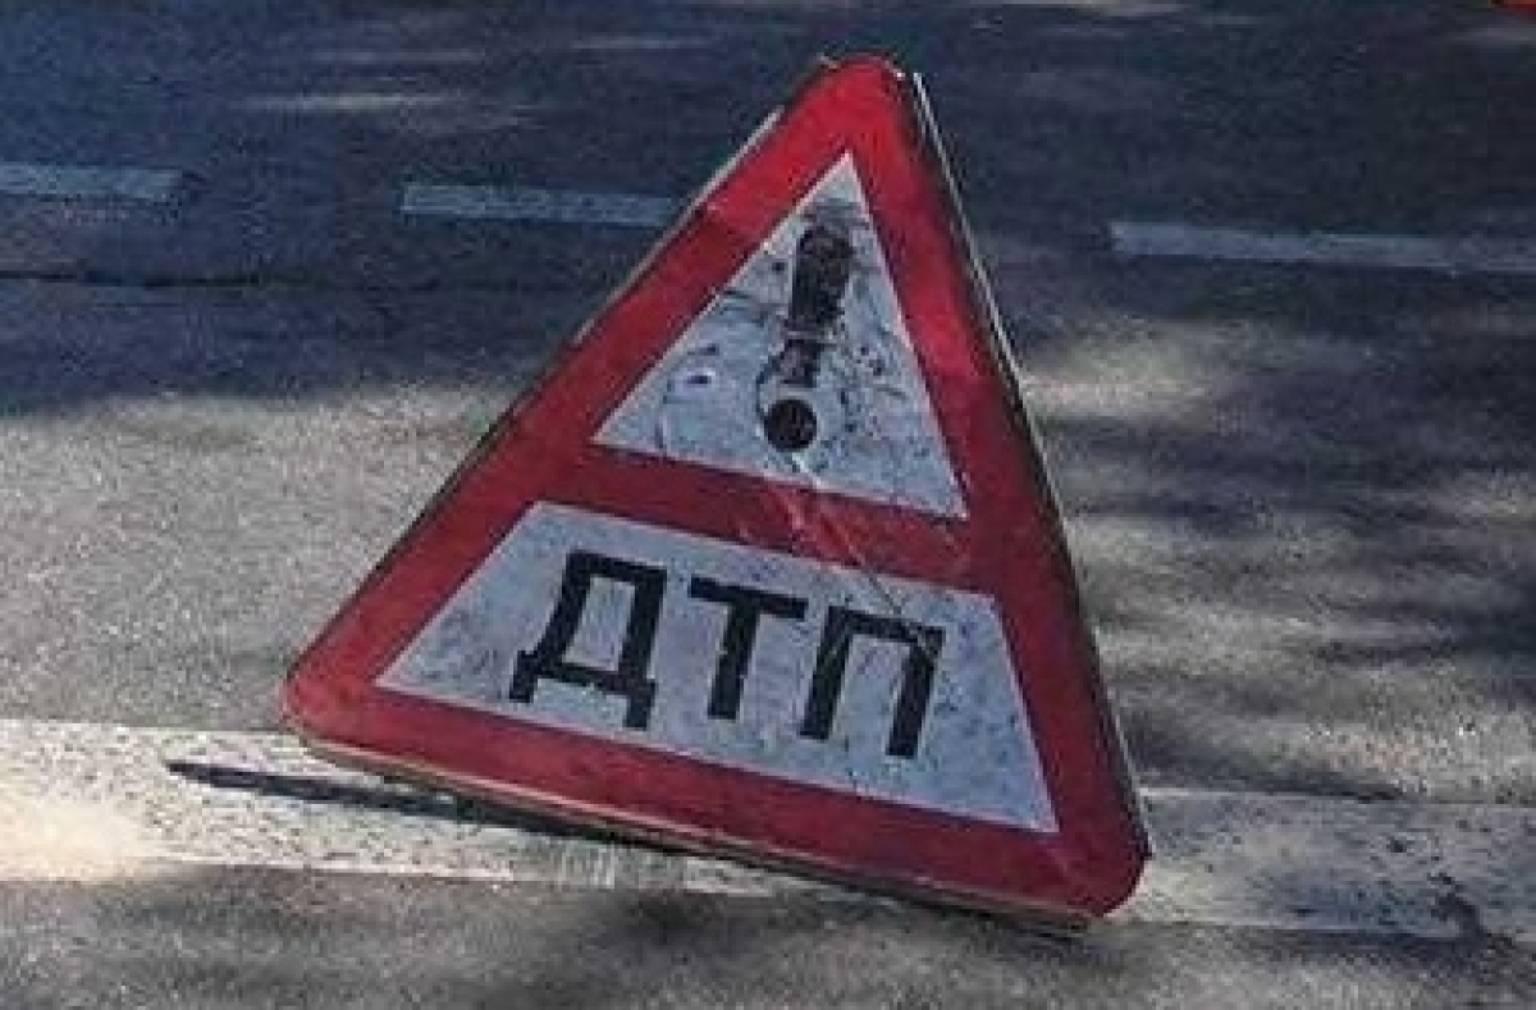 Врізався в огородження: курйозна аварія у Вишневому - київщина, Києво-Святошинський район, Дтп Вишневе, Вишневе, Аварія на дорозі - Vysh vriz